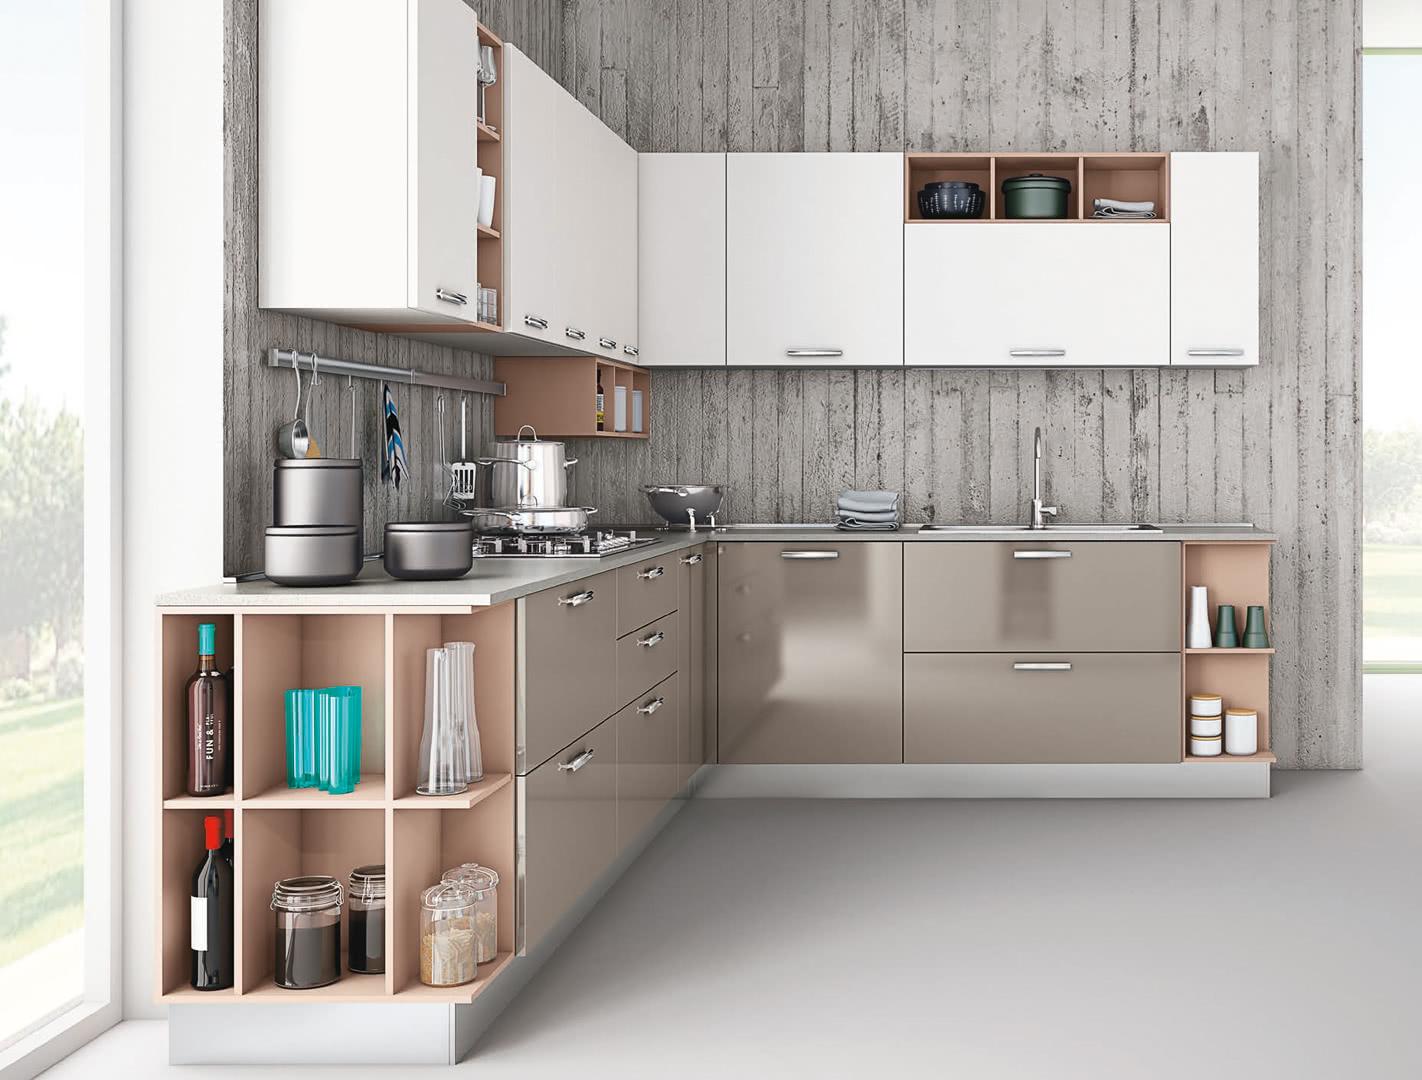 Cucina Moderna Lube Zoe Creo Kitchens